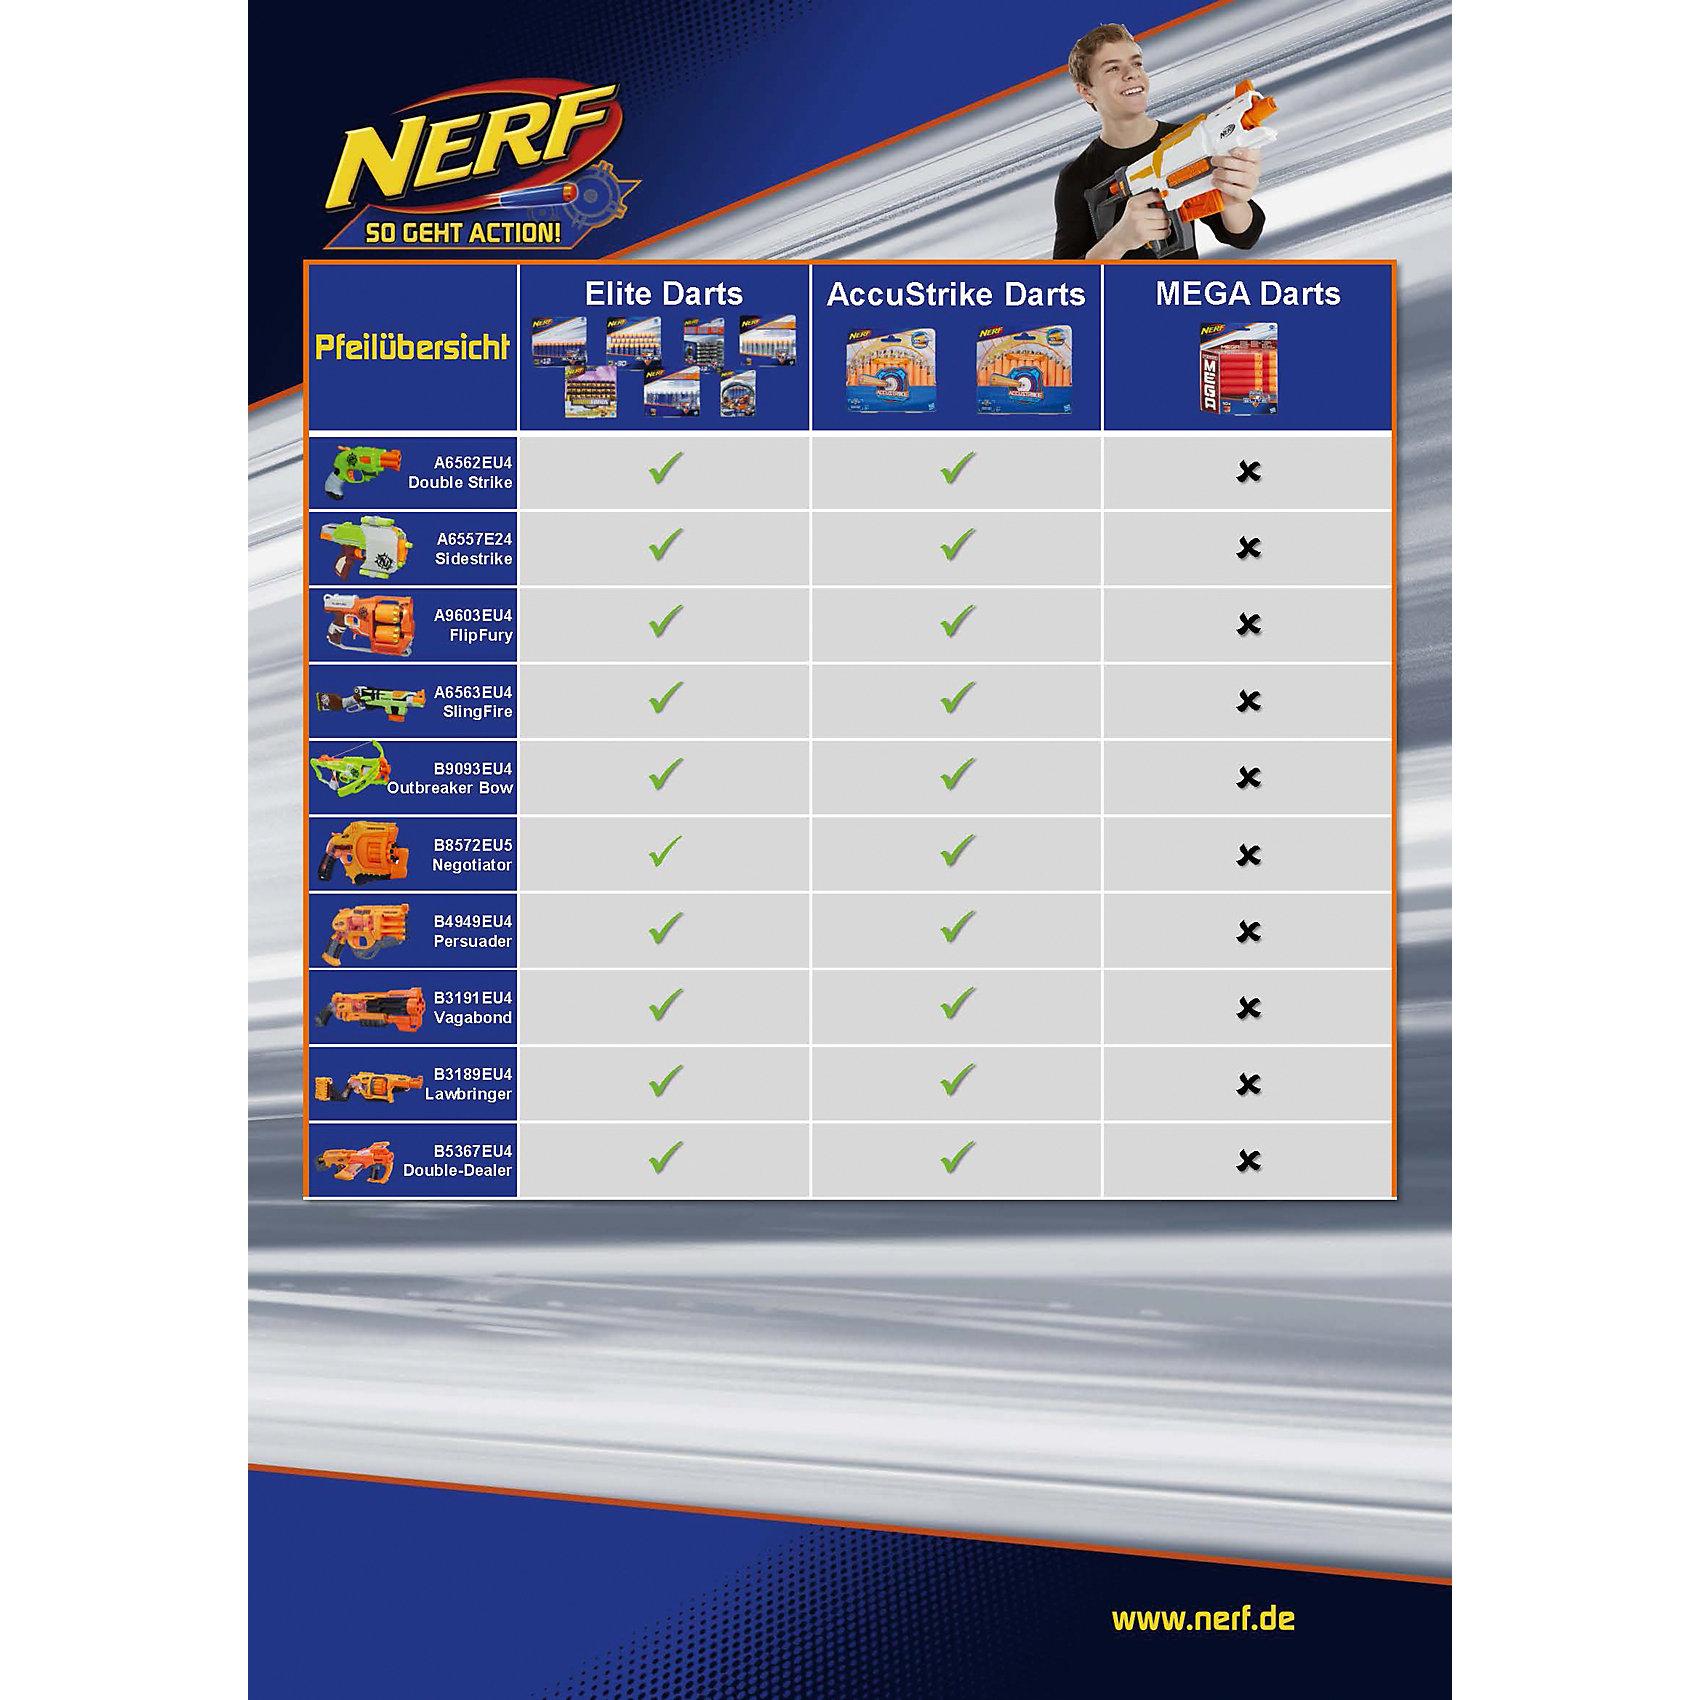 �������� 10 ����� ��� ��������� ����, NERF (Hasbro)